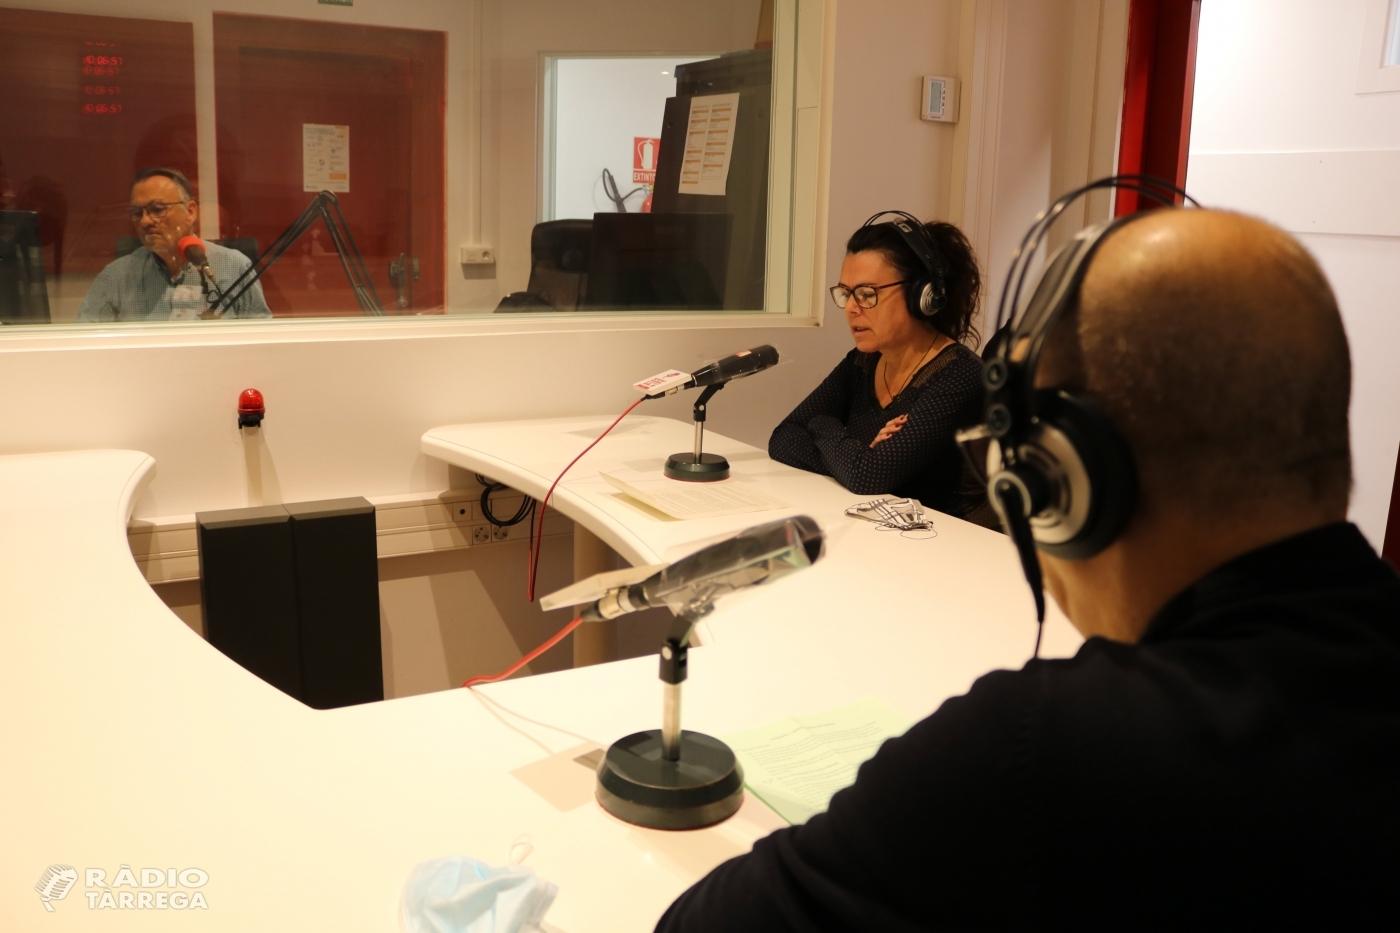 Veu a les veus inicia segona temporada a Ràdio Tàrrega coincidint amb la setmana del Dia Mundial de la Salut Mental